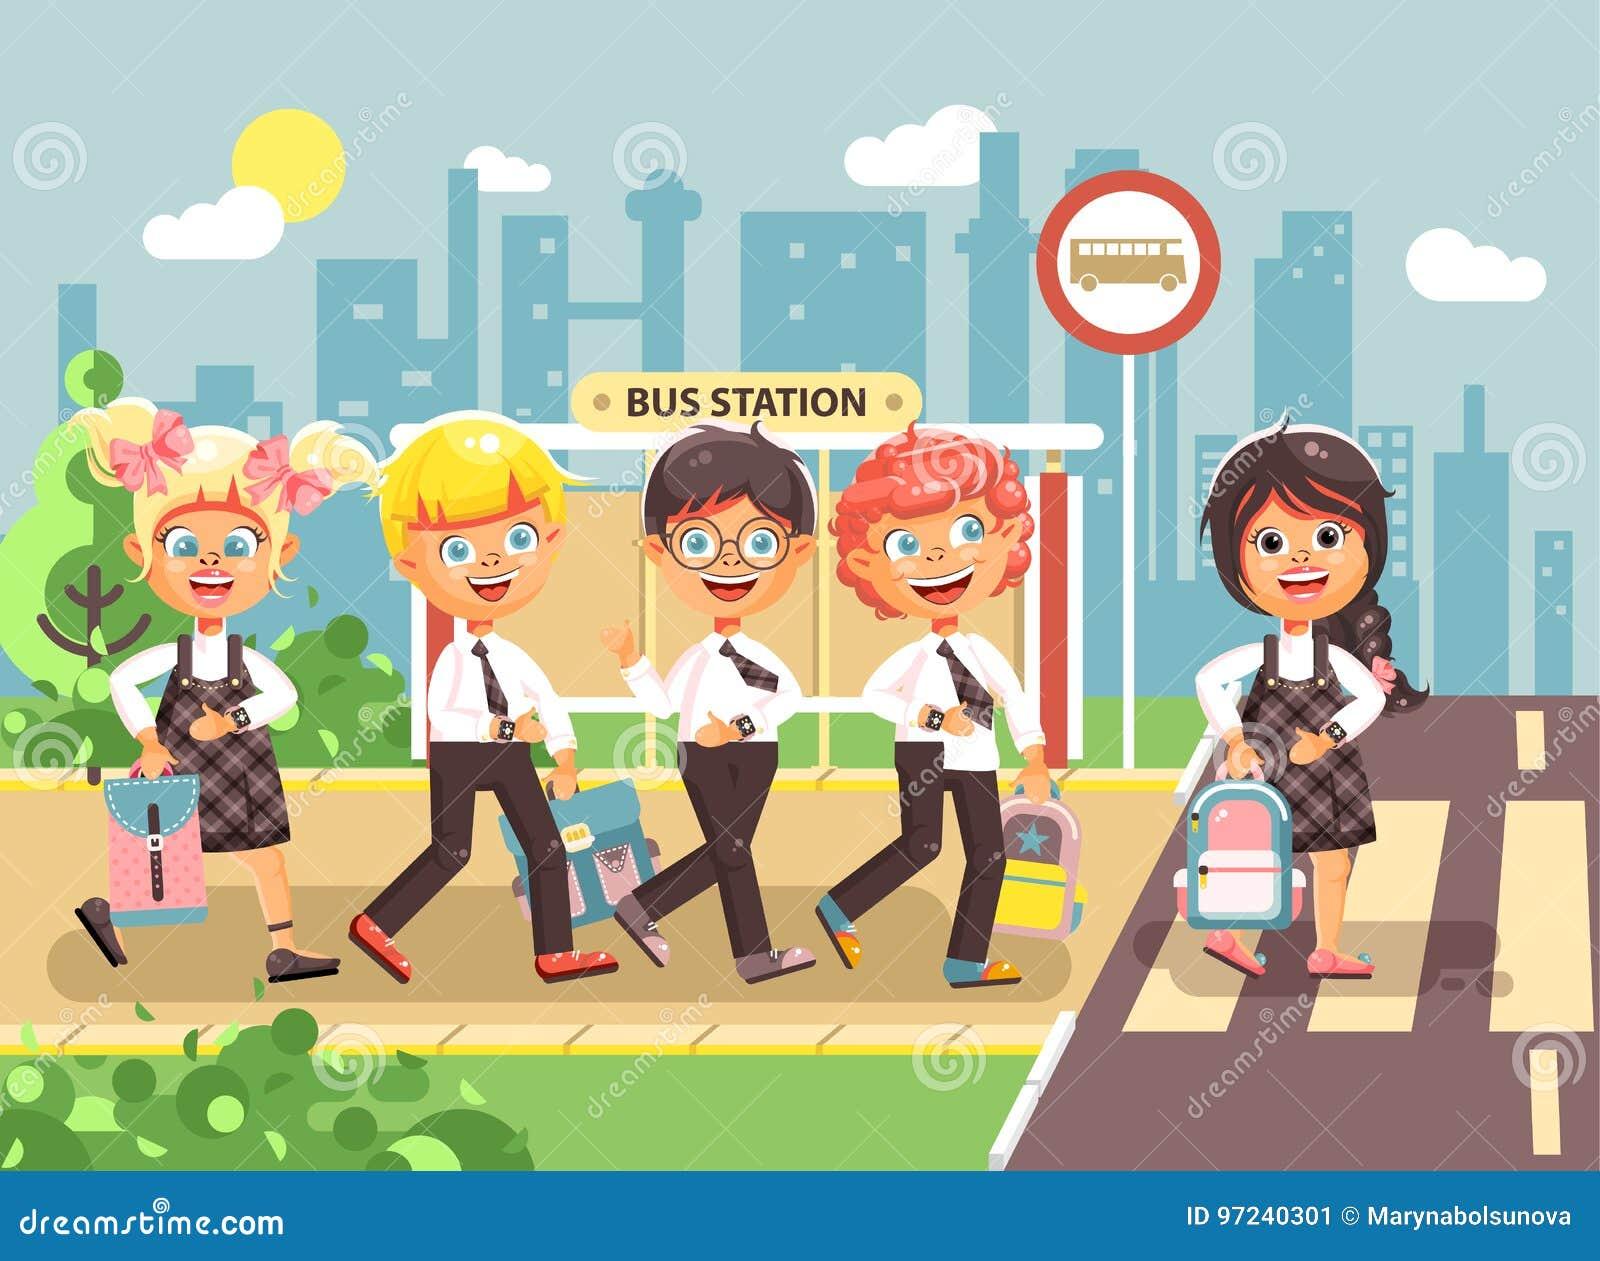 导航例证漫画人物孩子,遵守交通规则,男孩,并且女孩学童同学去